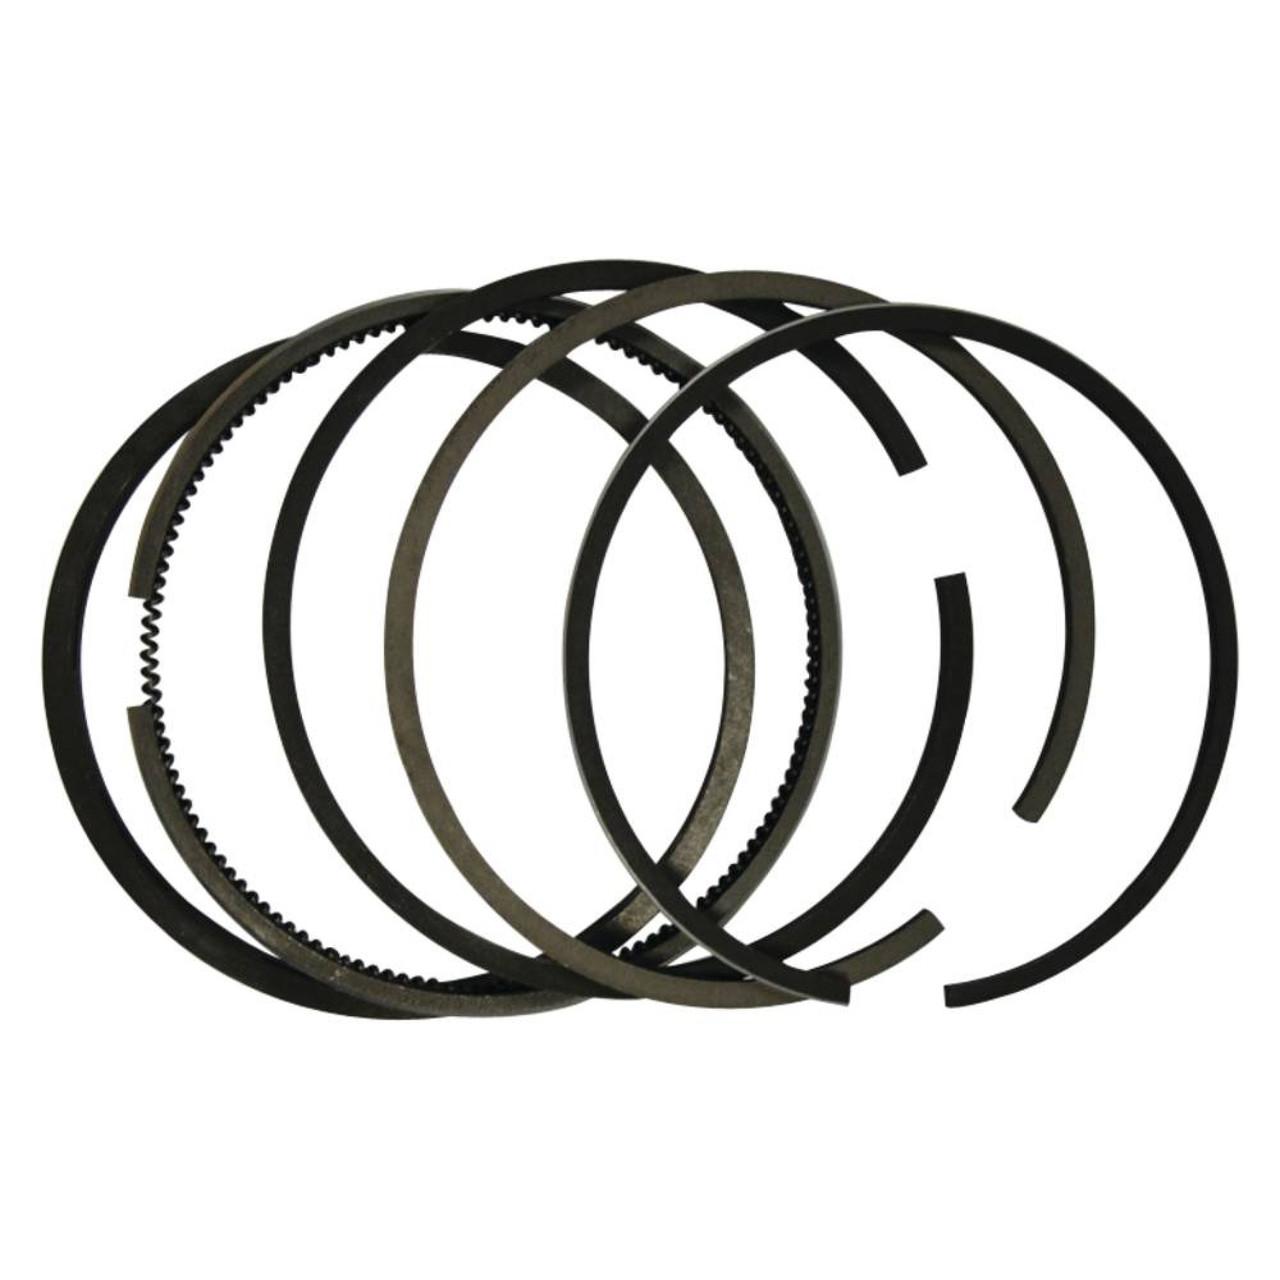 New Piston Rings For Massey Ferguson 133, 135, 140, 145